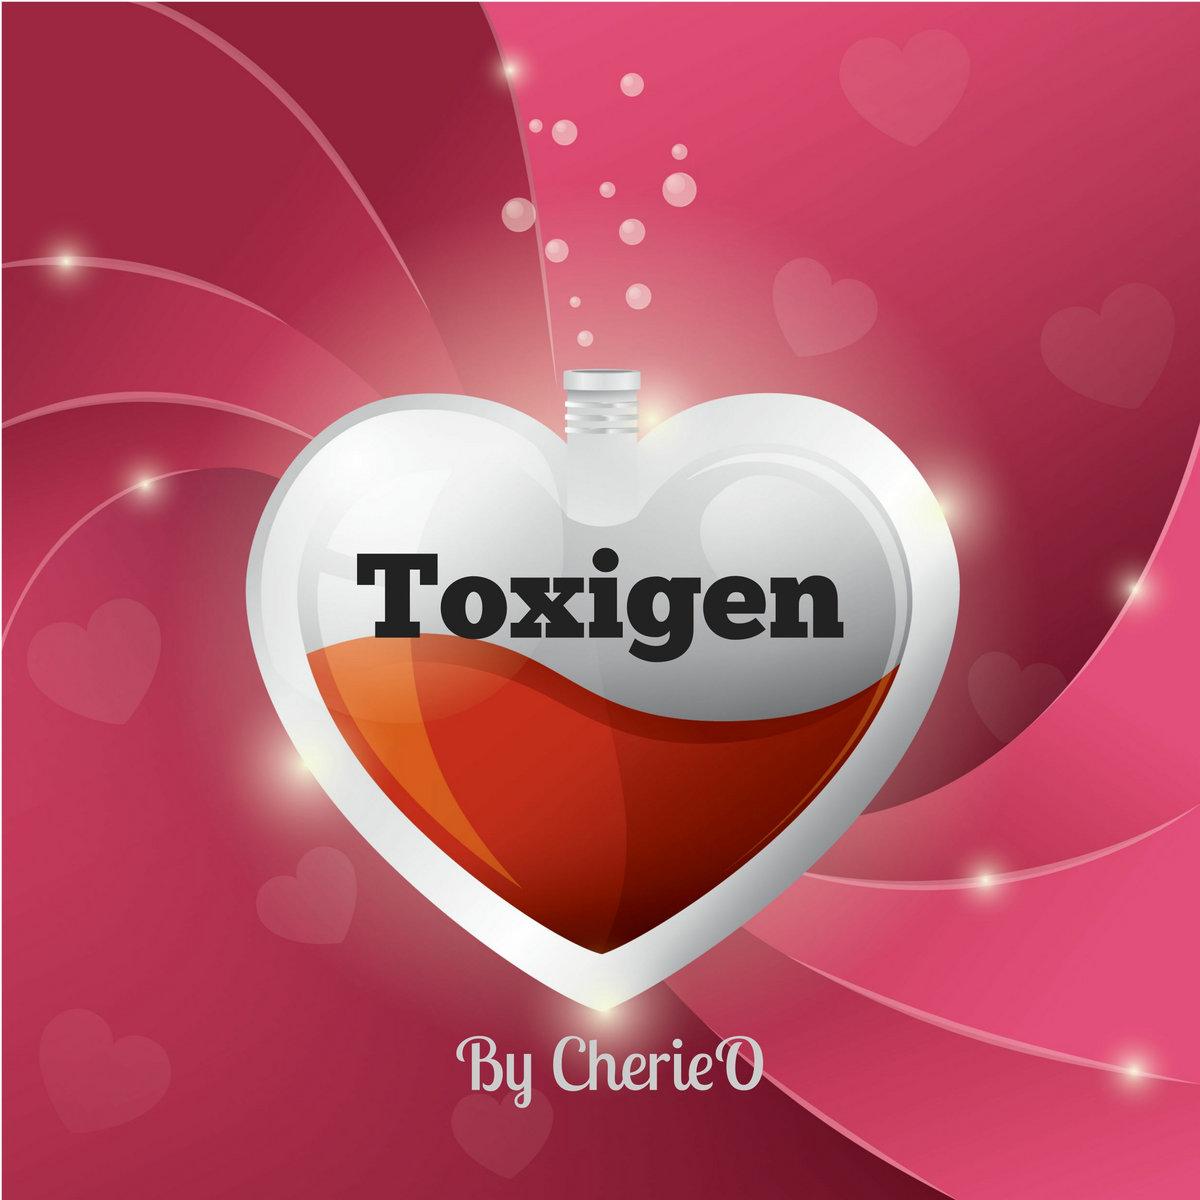 Toxigen by CherieO